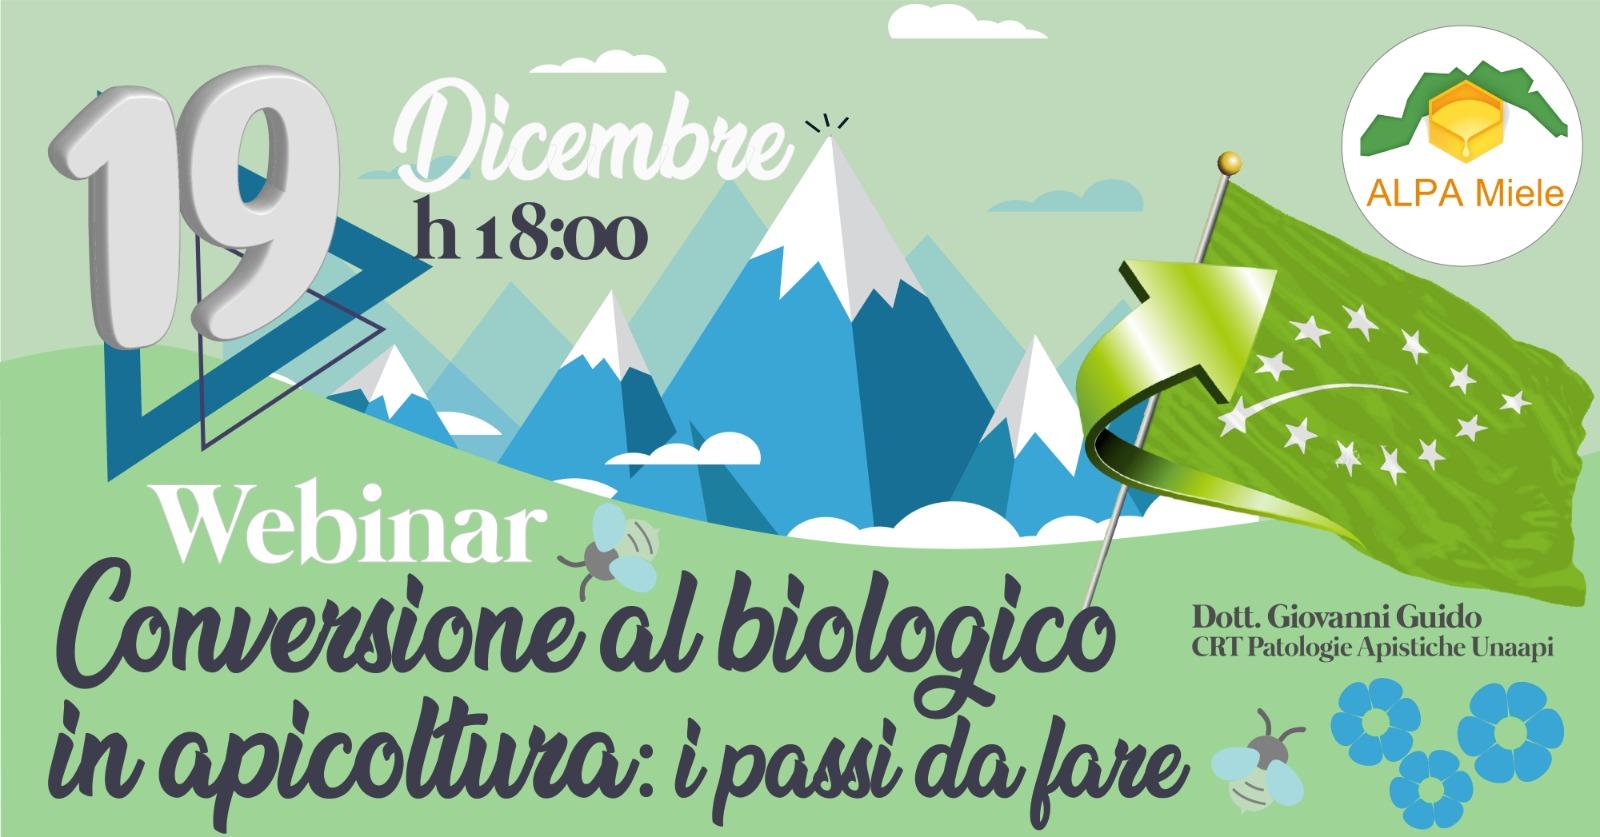 Webinar: Conversione al Biologico